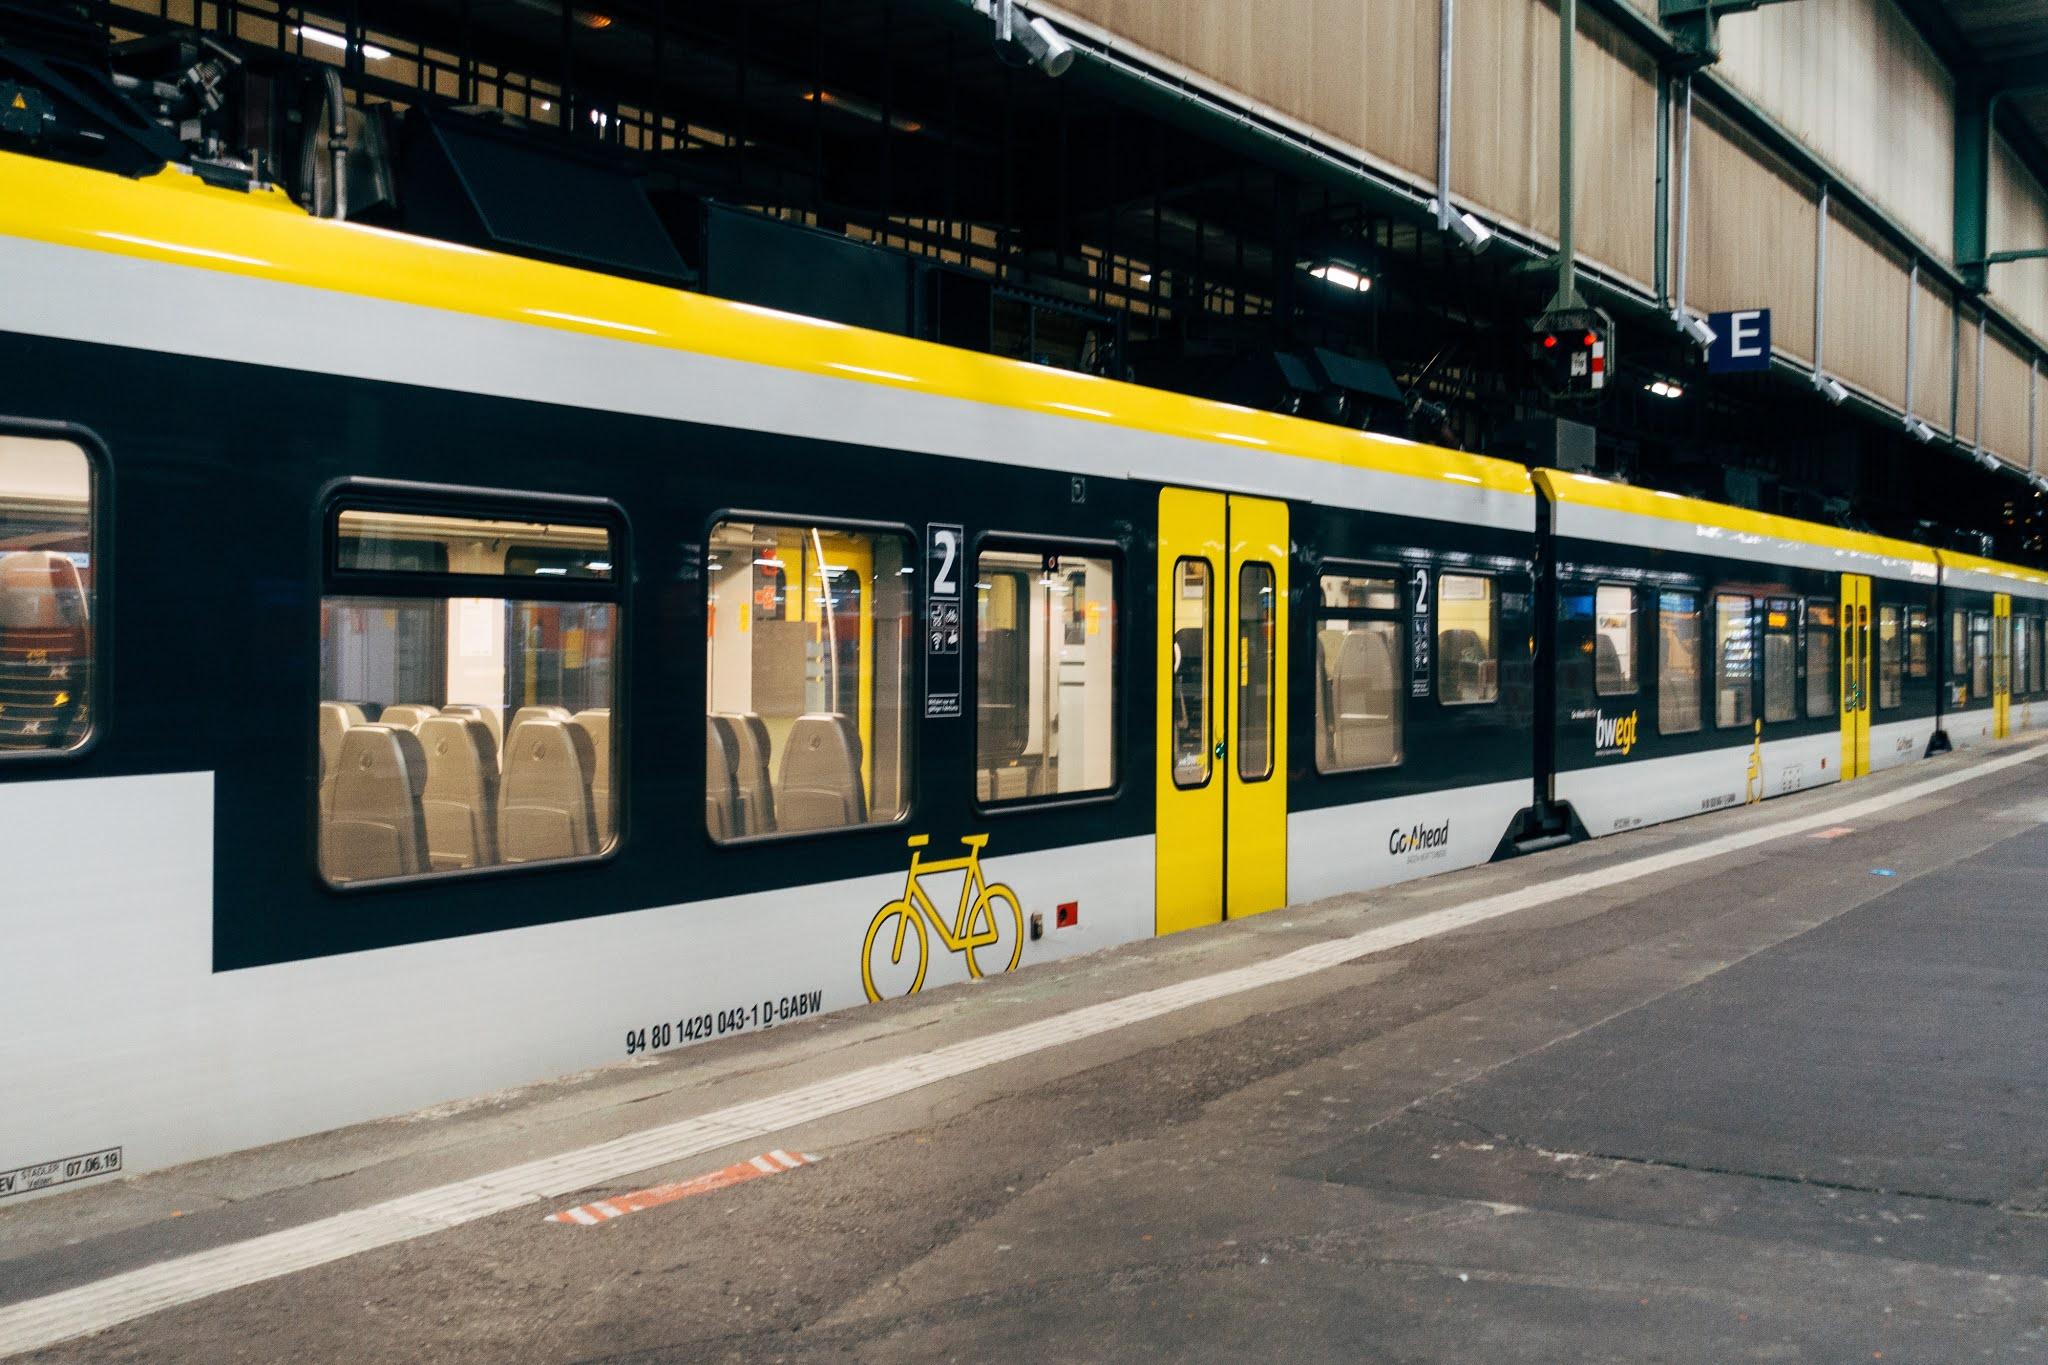 Munich transports